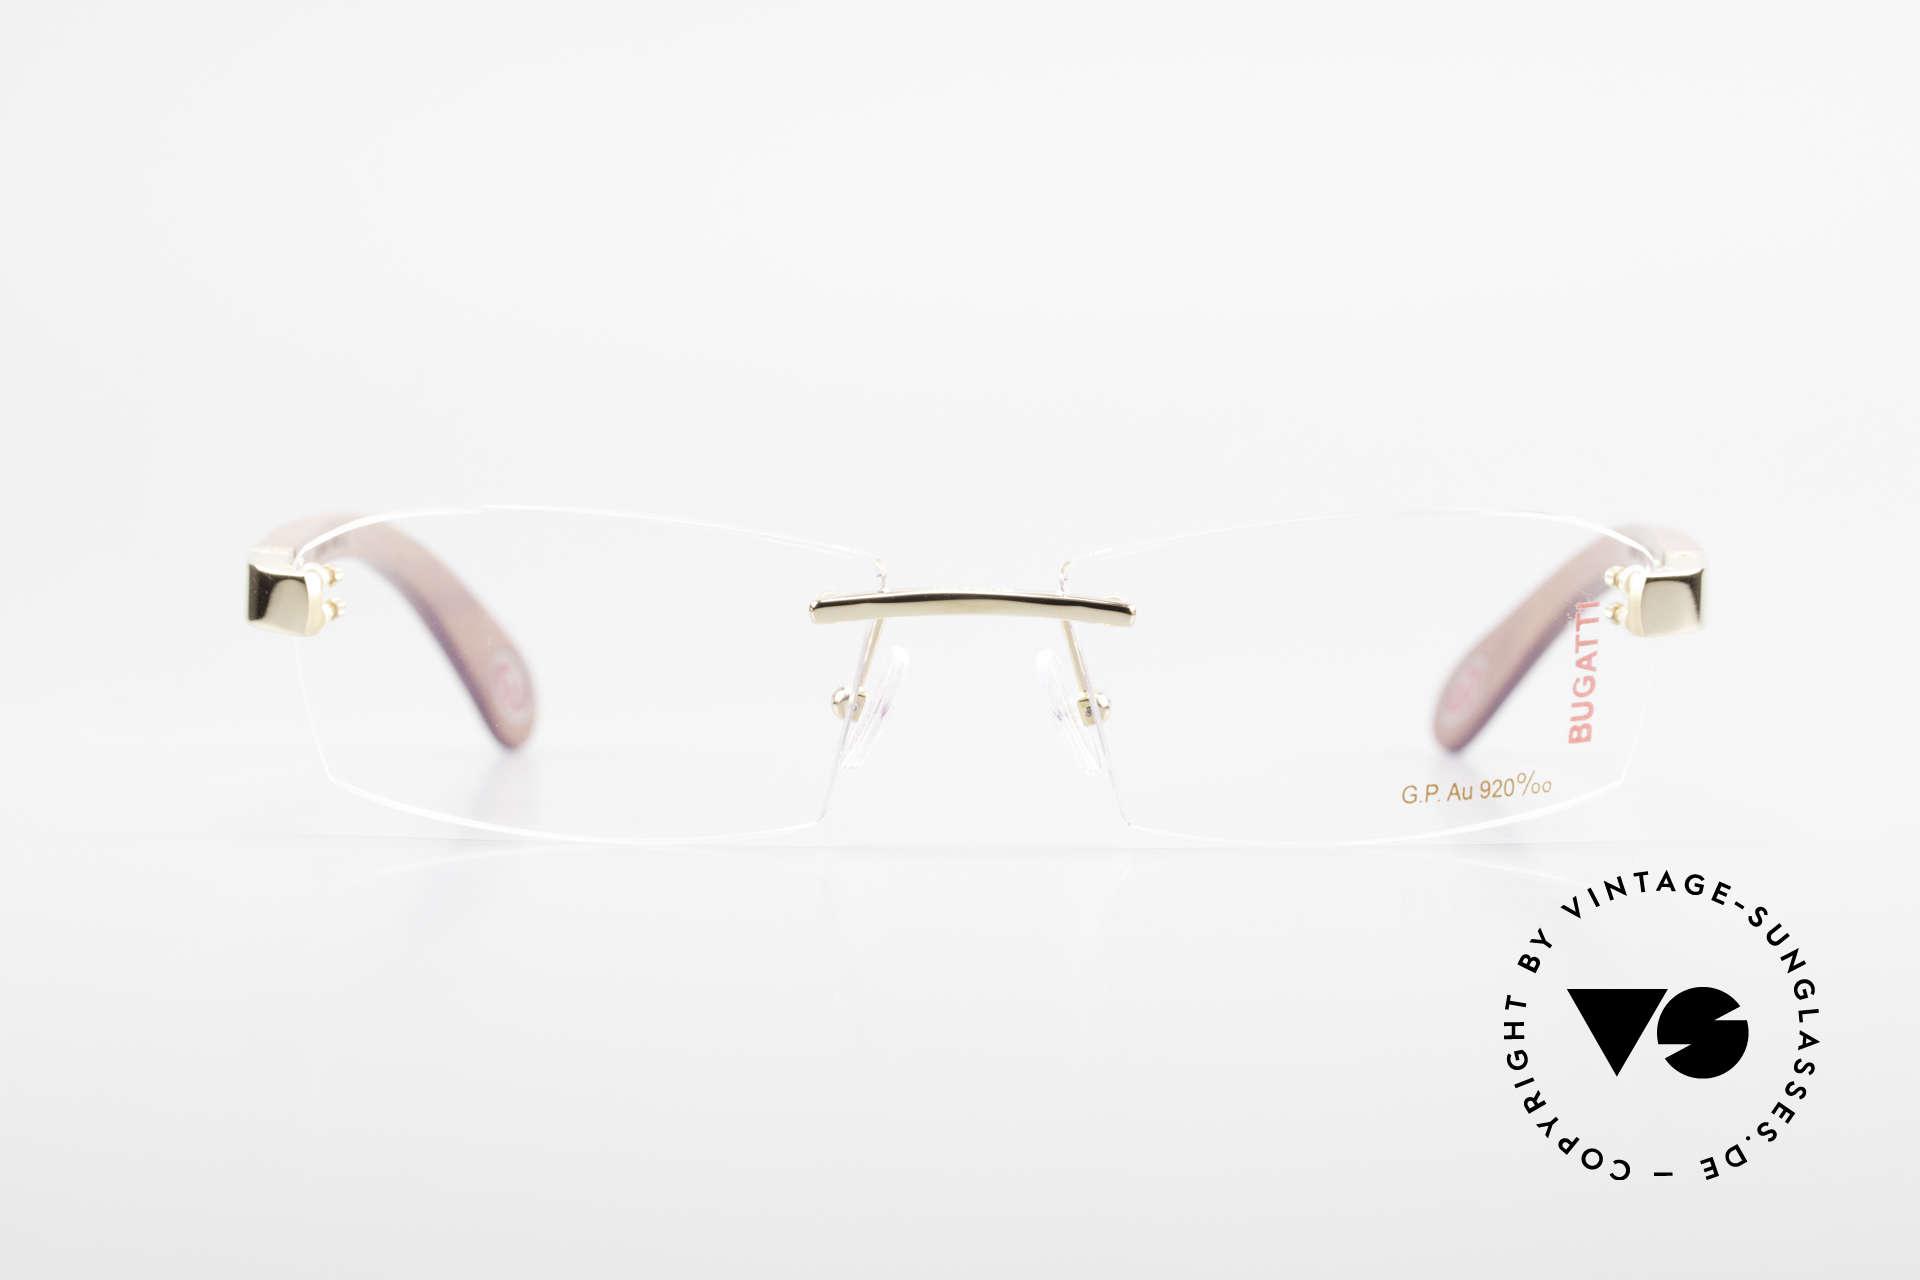 Bugatti 517 Kotibé Tropenholz Gold Brille, Bügel sind aus kostbarem Kotibé Edelholz aus Gabun, Passend für Herren